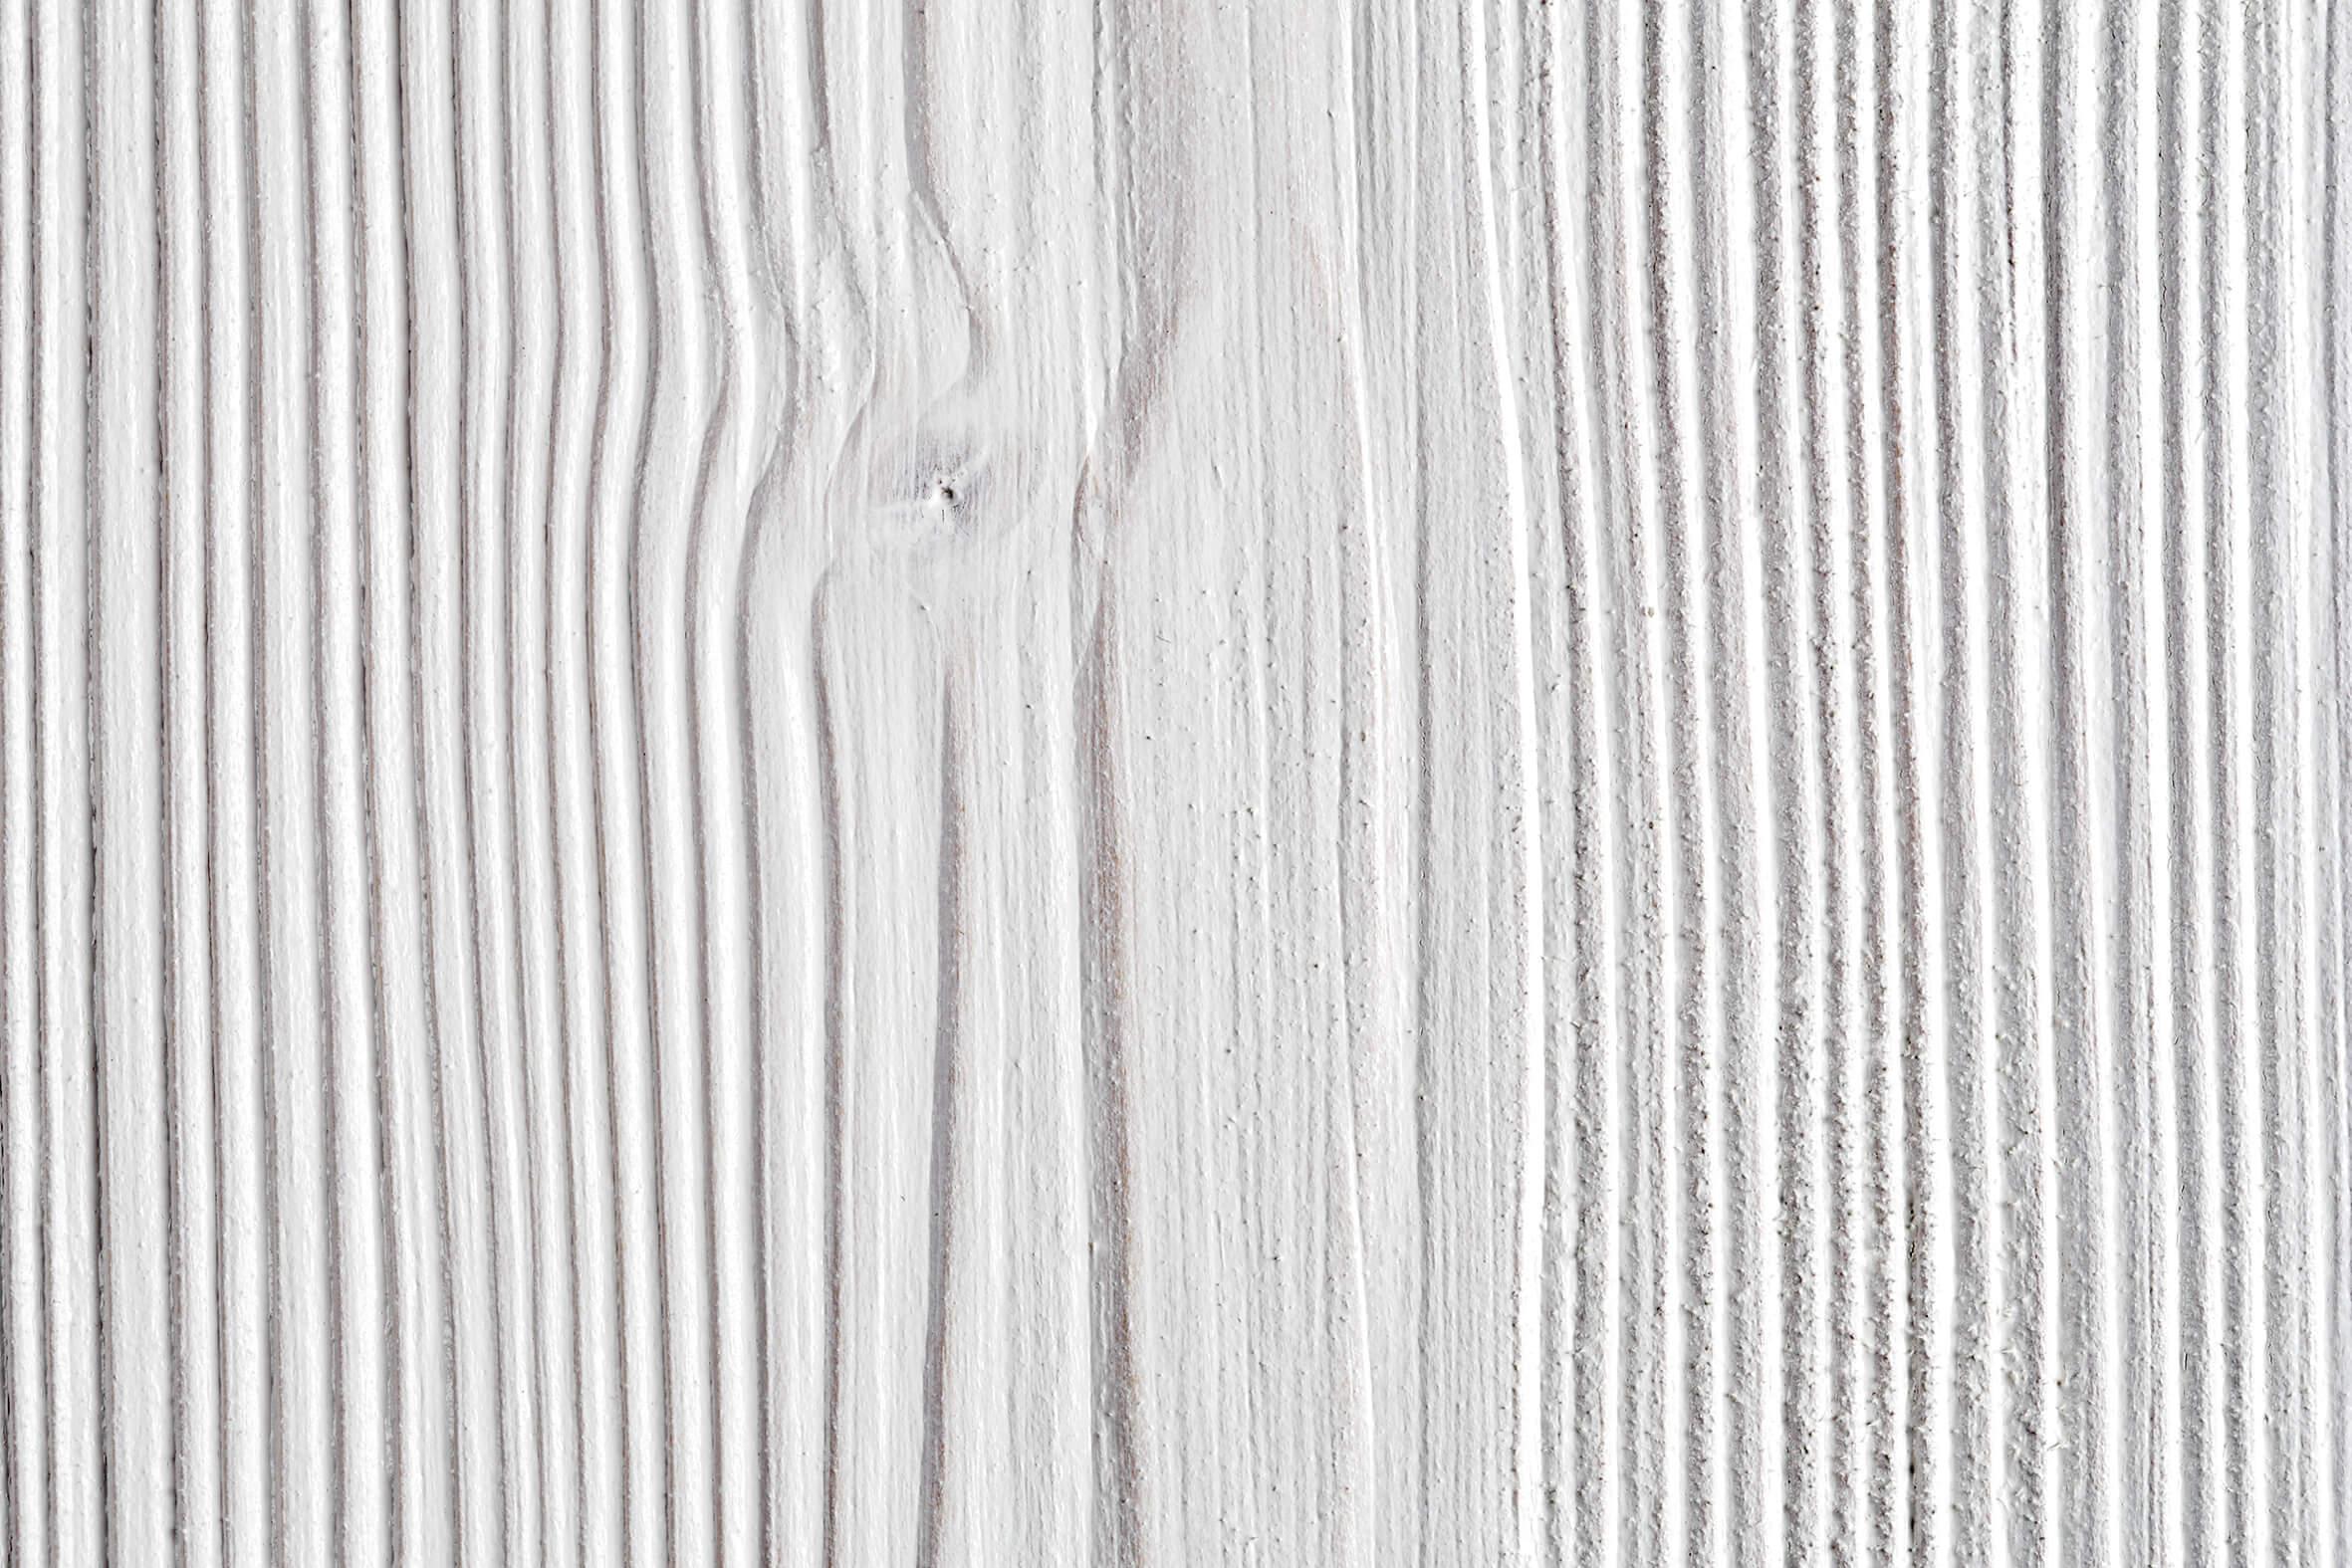 Trattamento superficiale Bianco spazzolato cerato